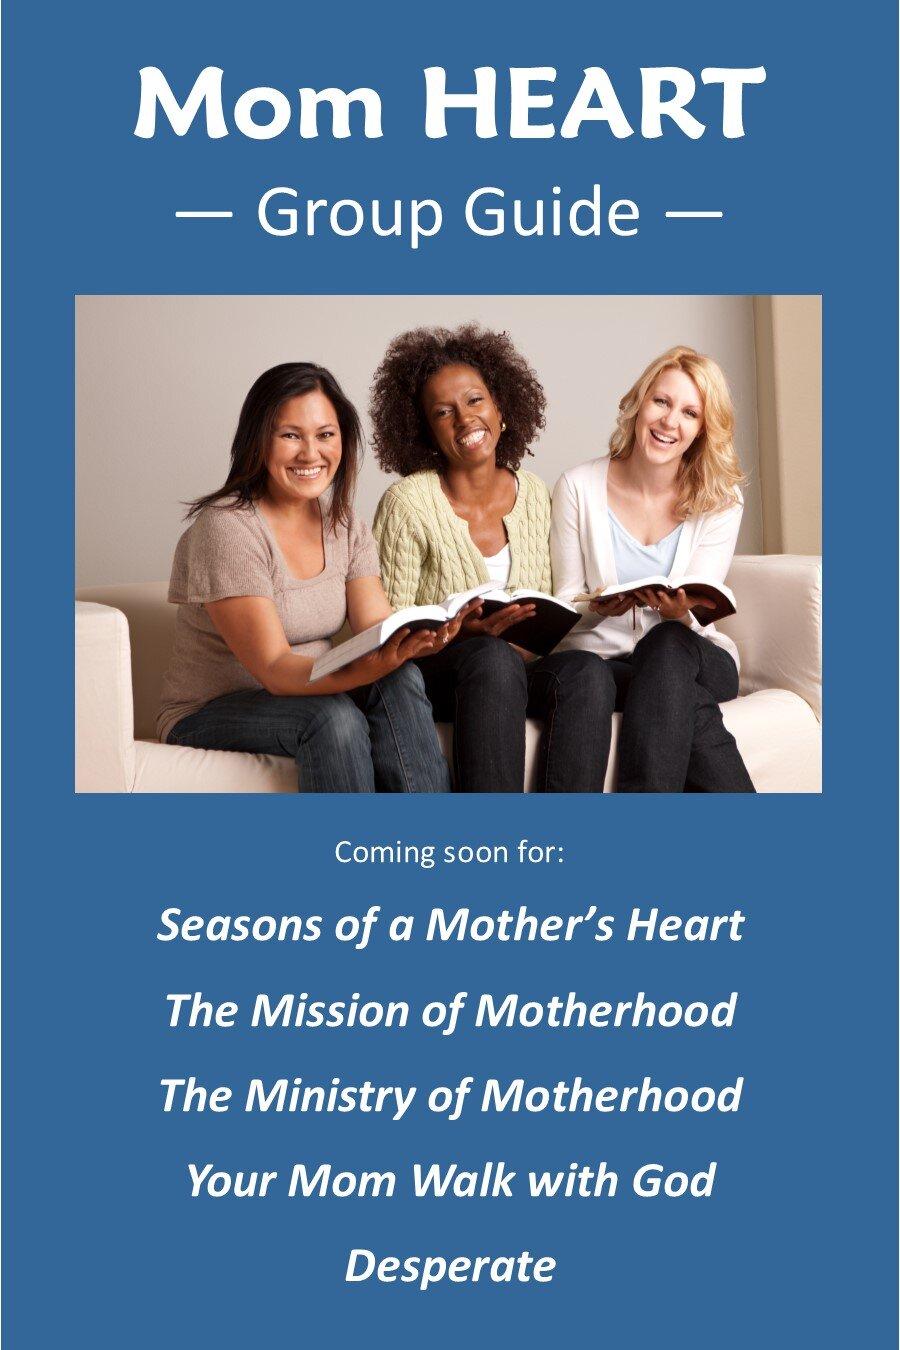 Mom HEART Group Guide - placeholder.jpg